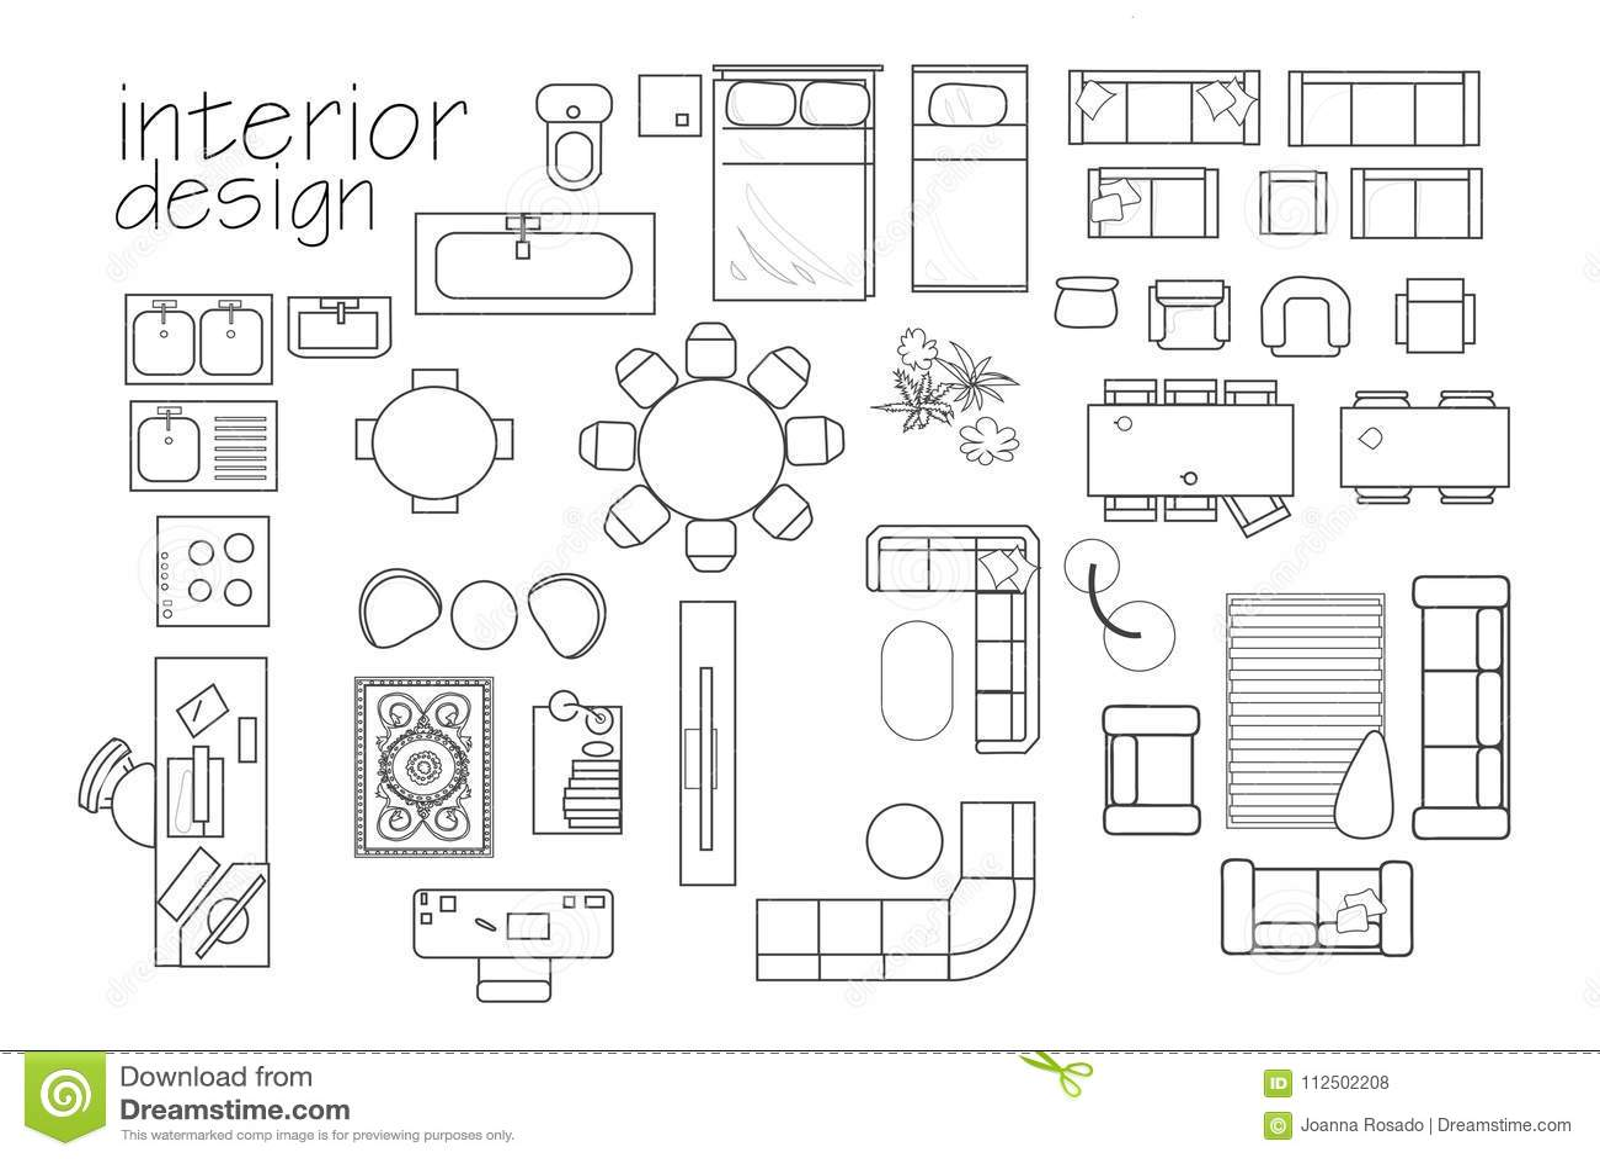 block diagram interior design